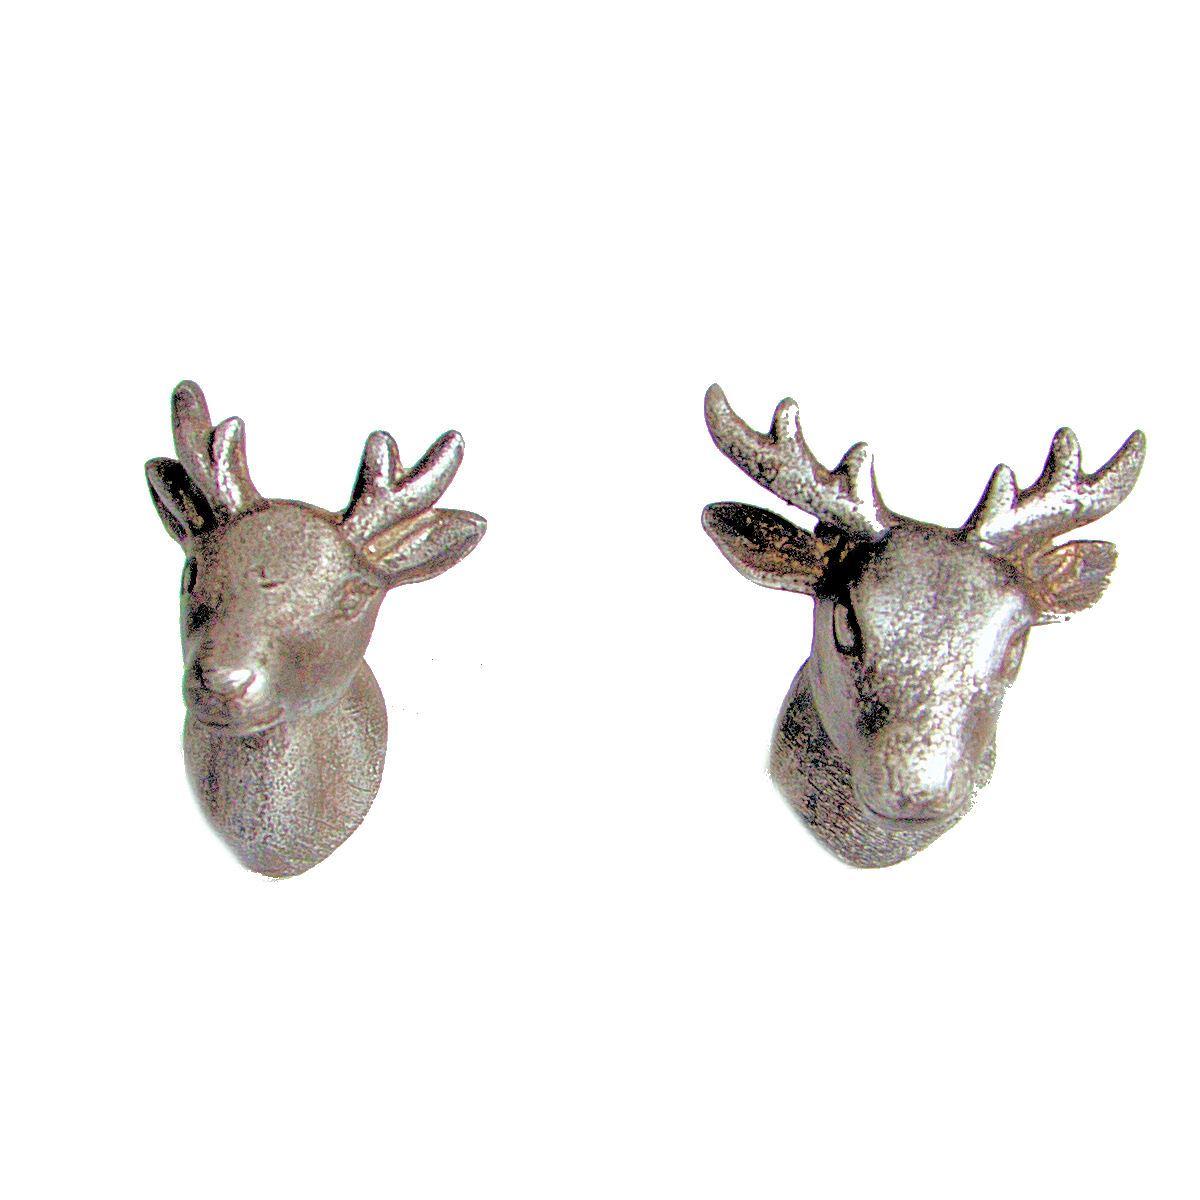 Mr Amp Mrs Stag Deer Metal Door Knobs Furniture Animal